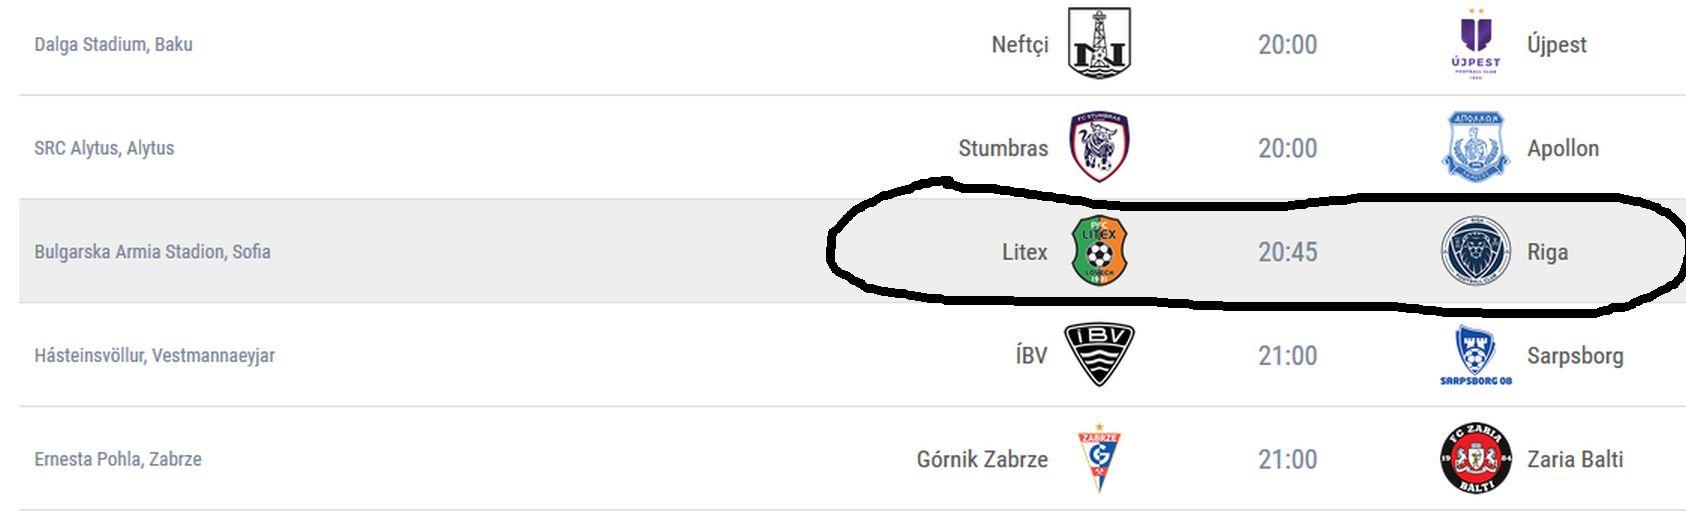 Официалният сайт на европейската футболна централа (УЕФА) изписва името на